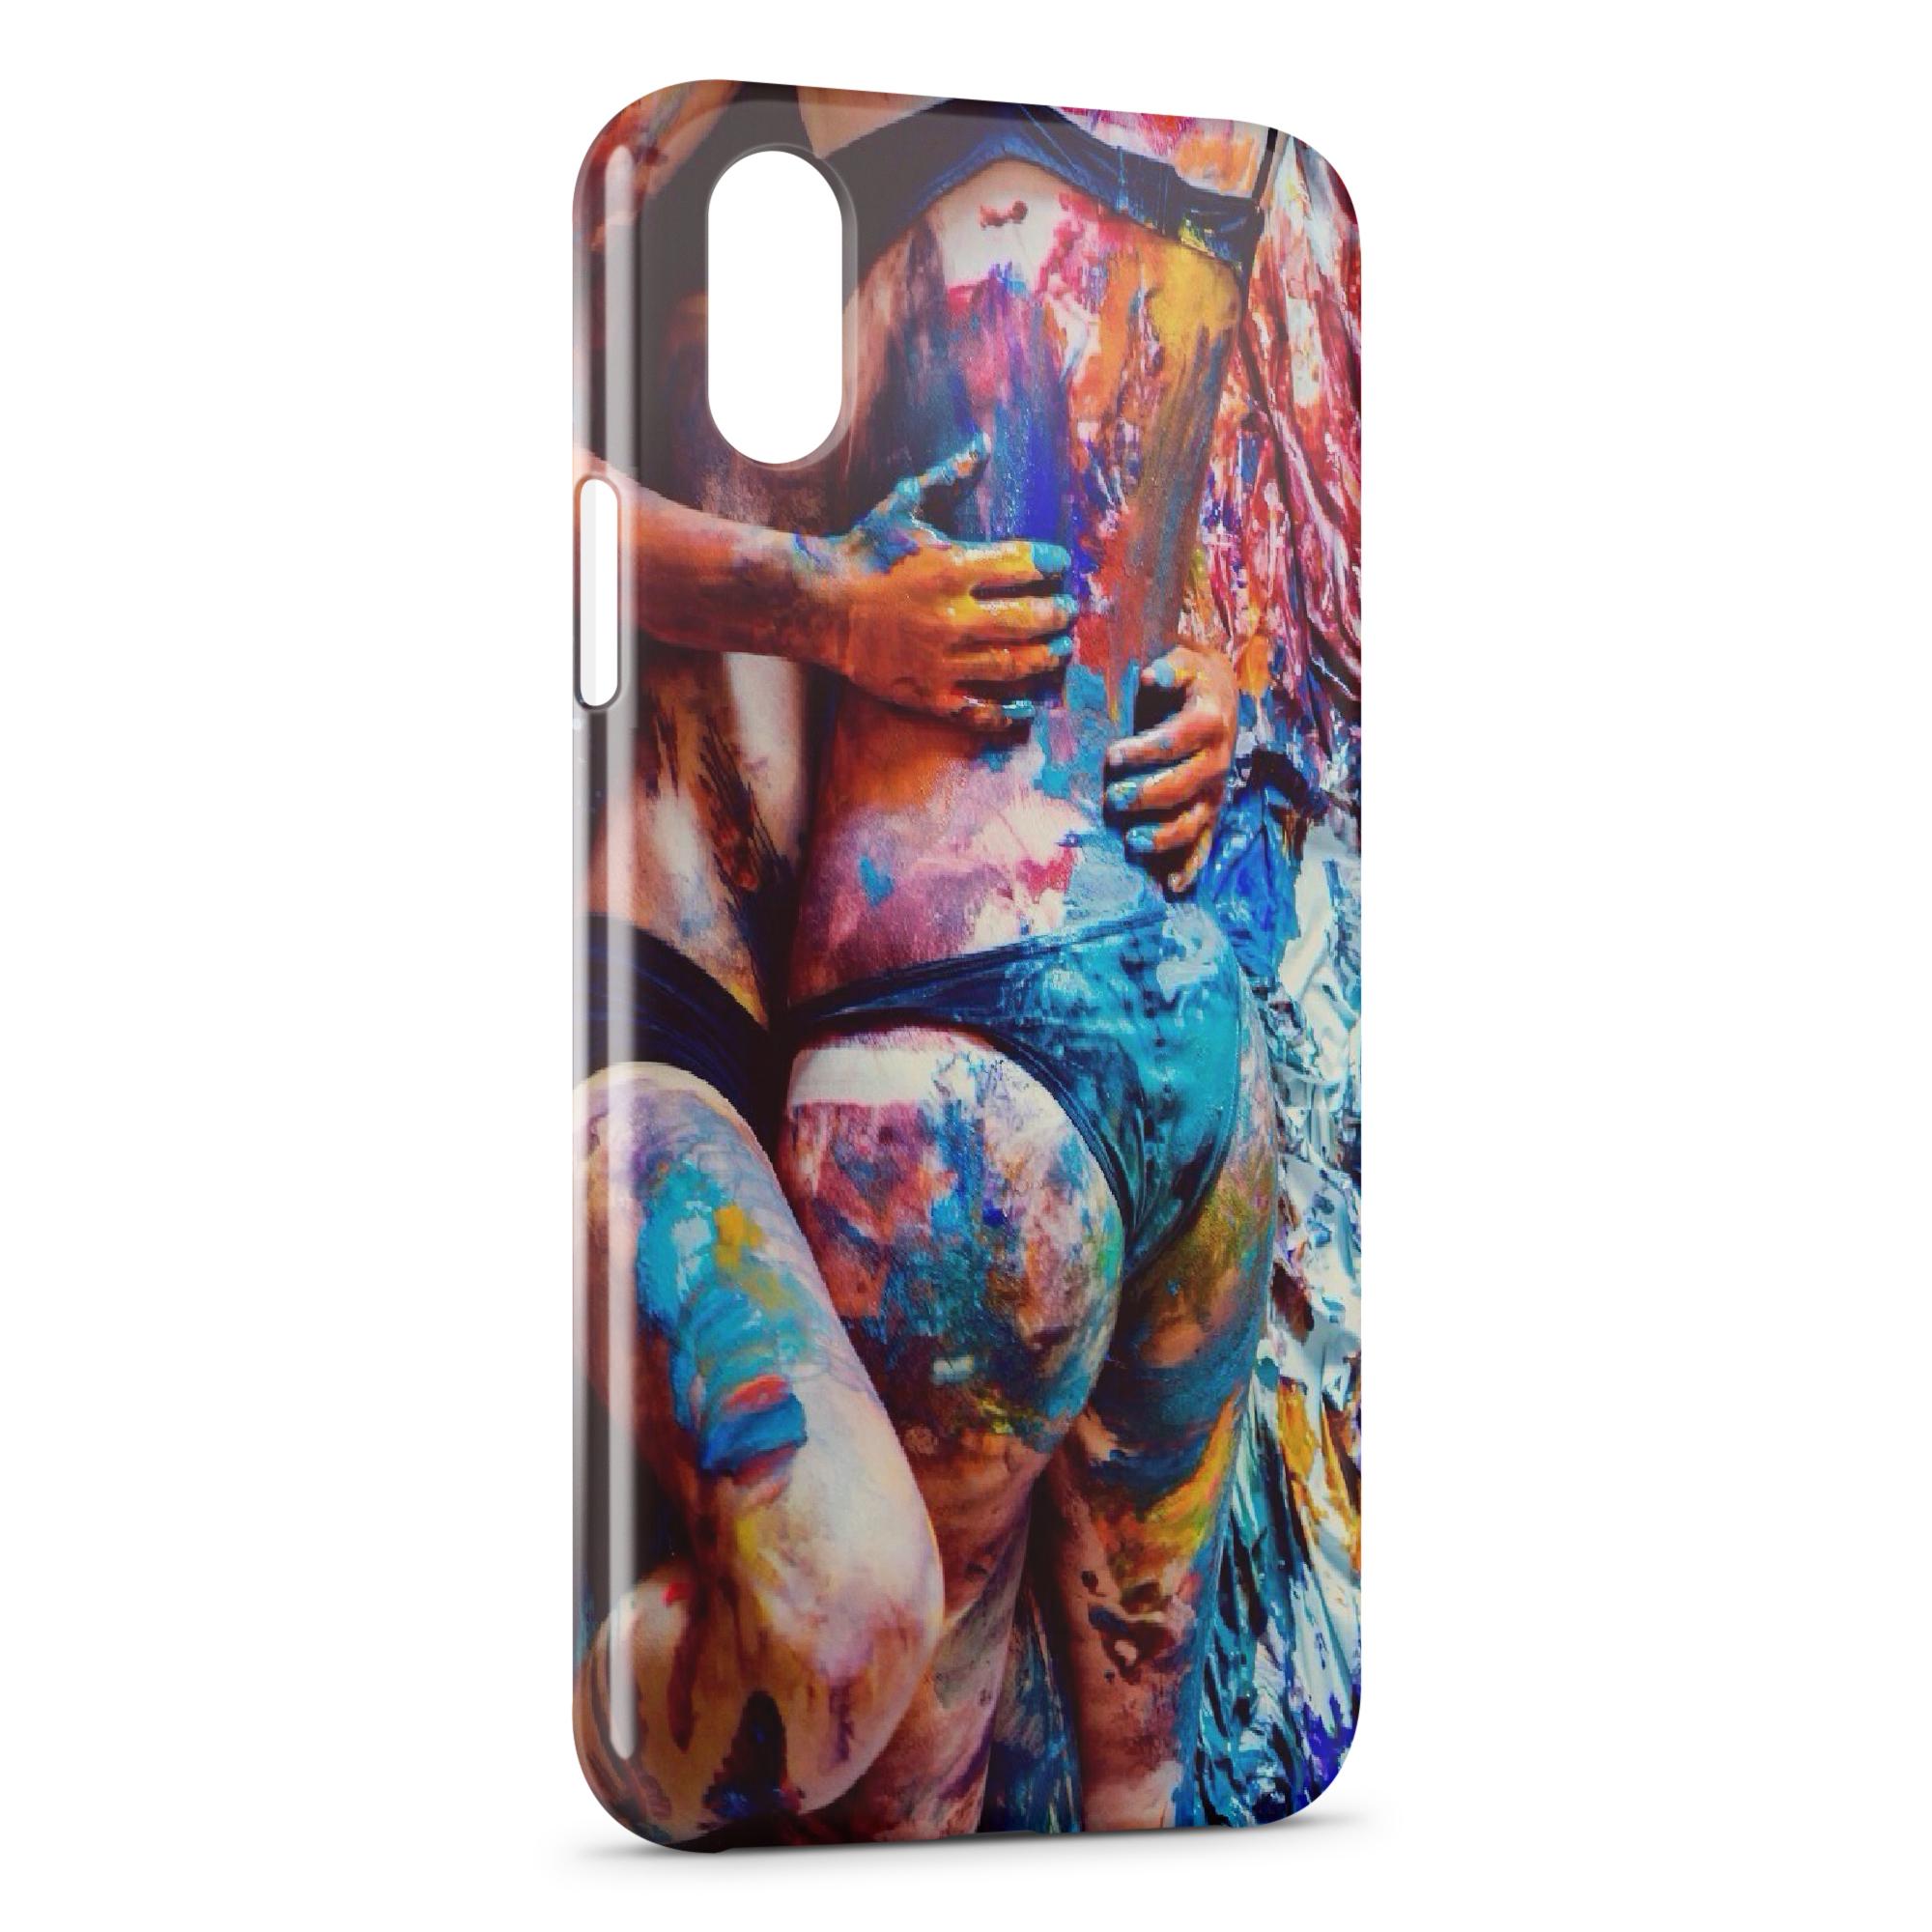 coque iphone xs max peinture